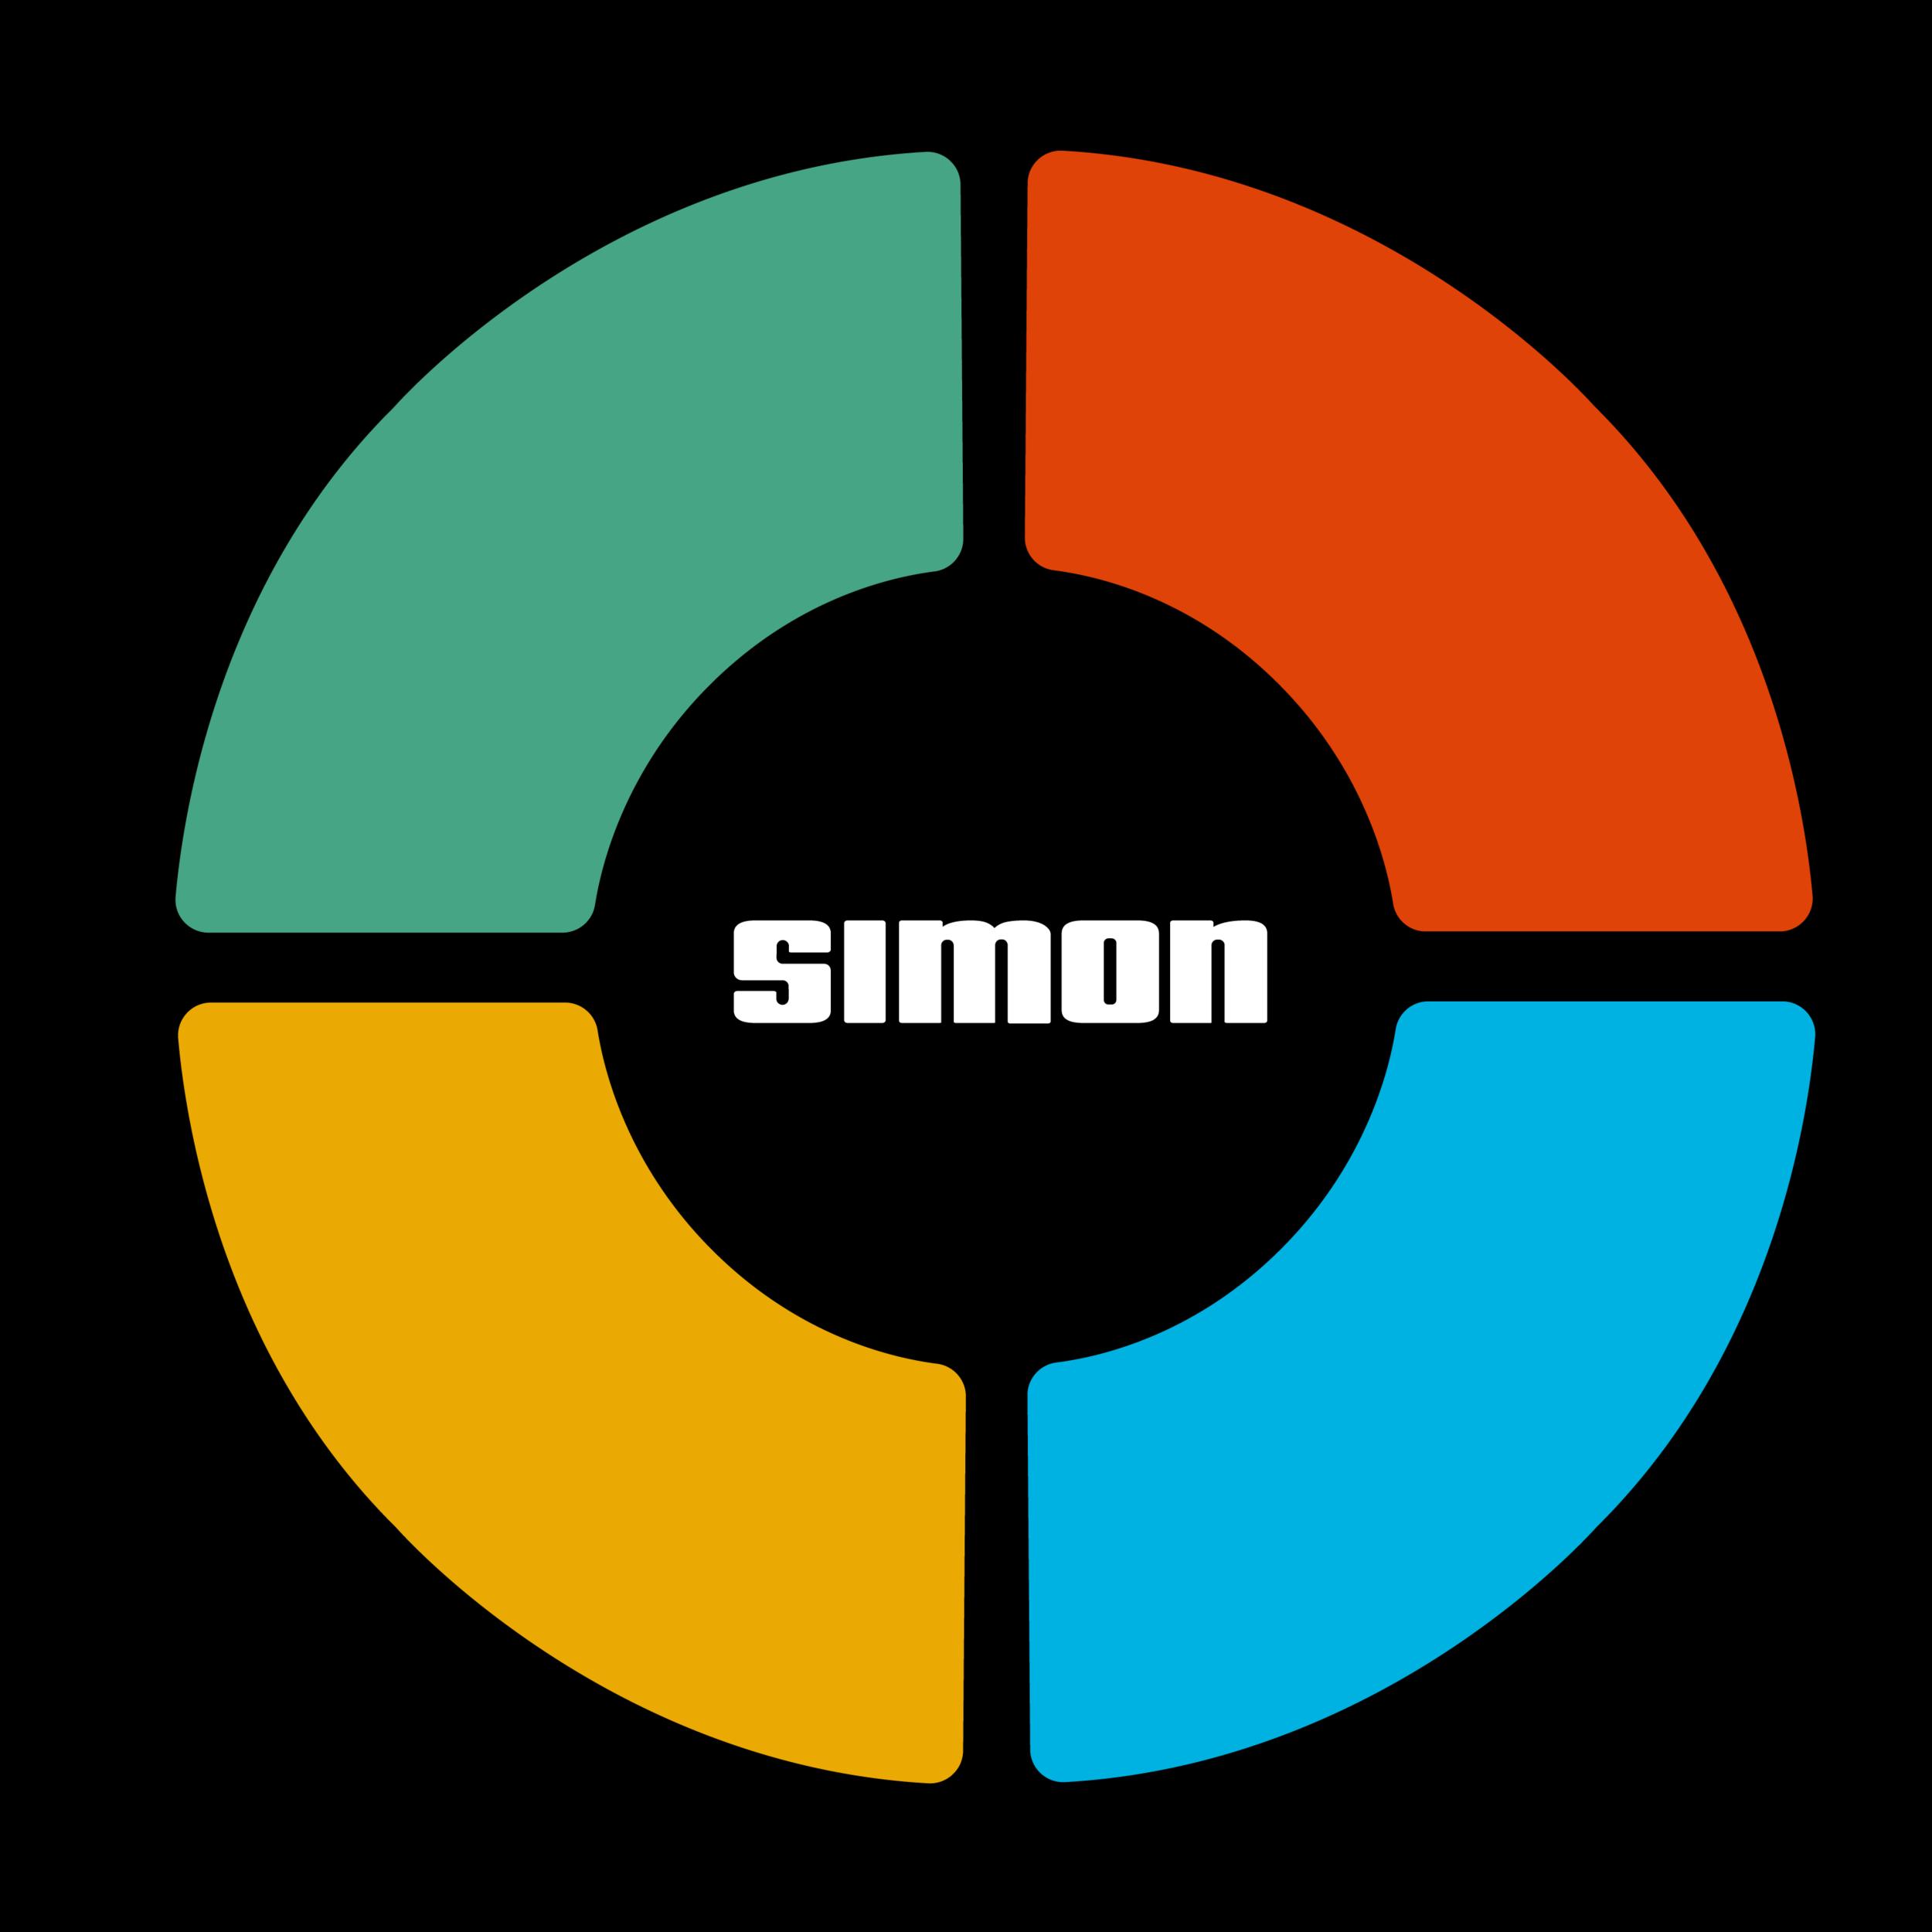 SIMON-01.png